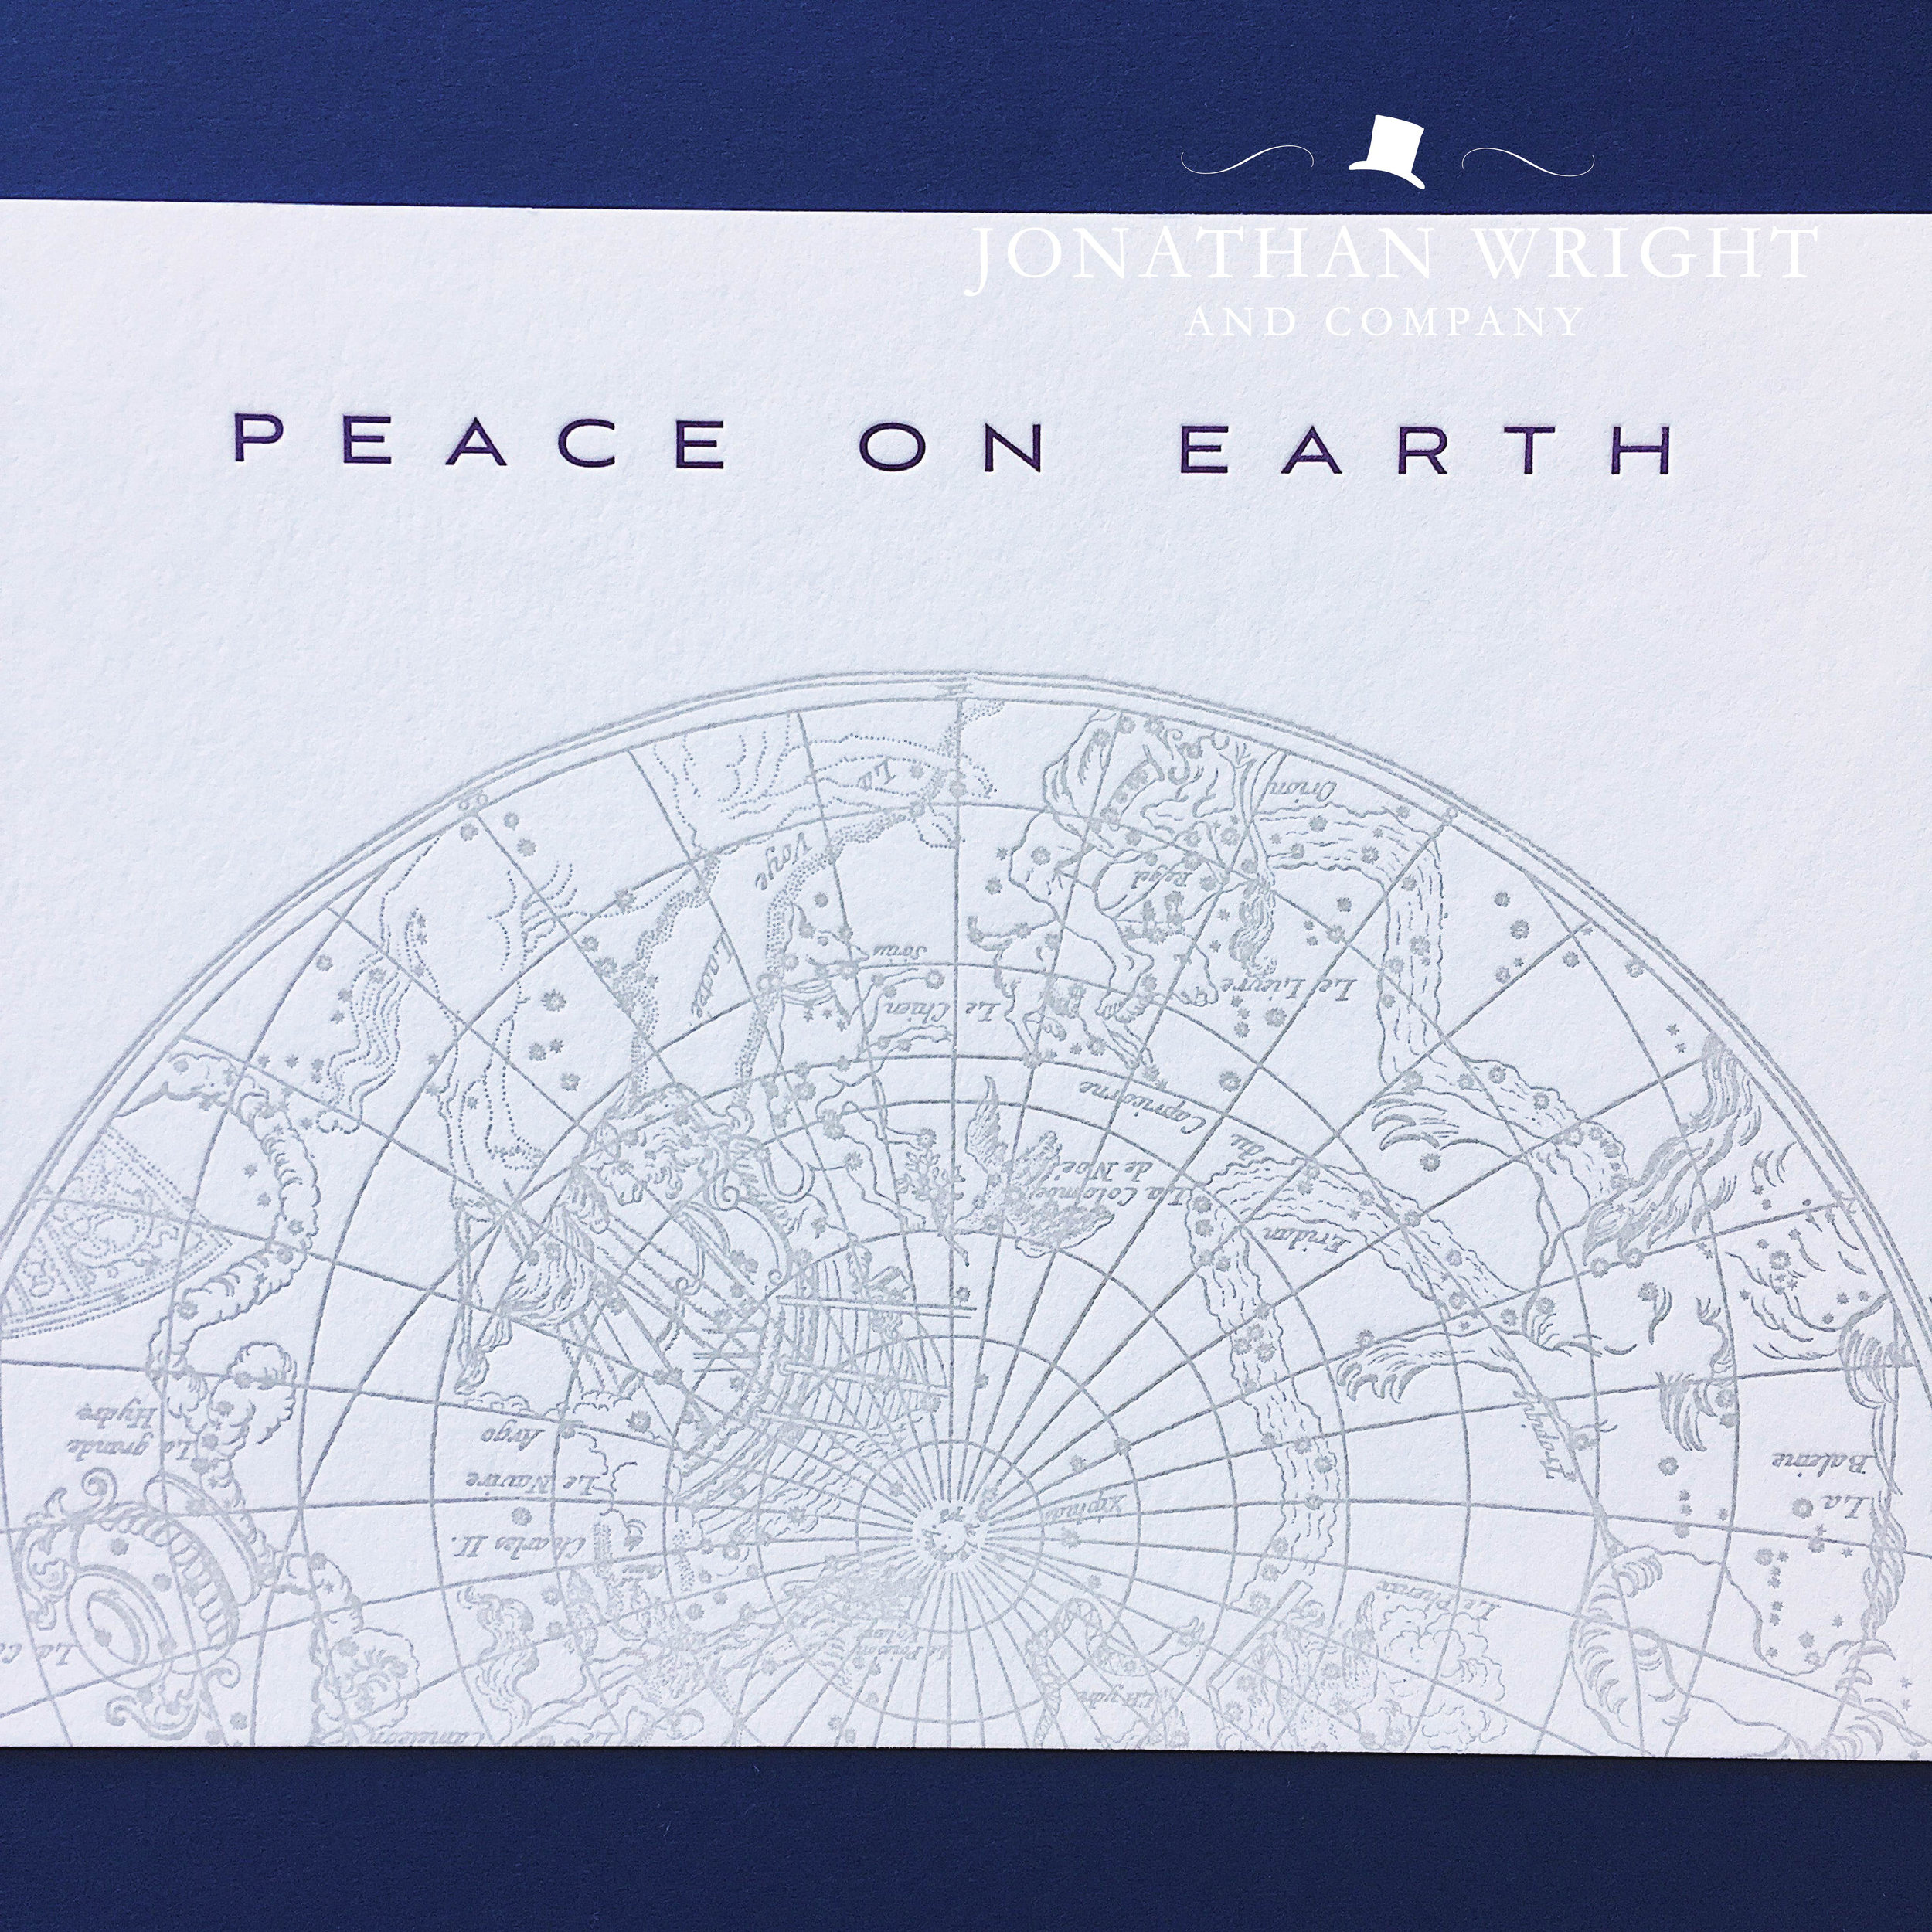 KEITH PEACE 4.jpg